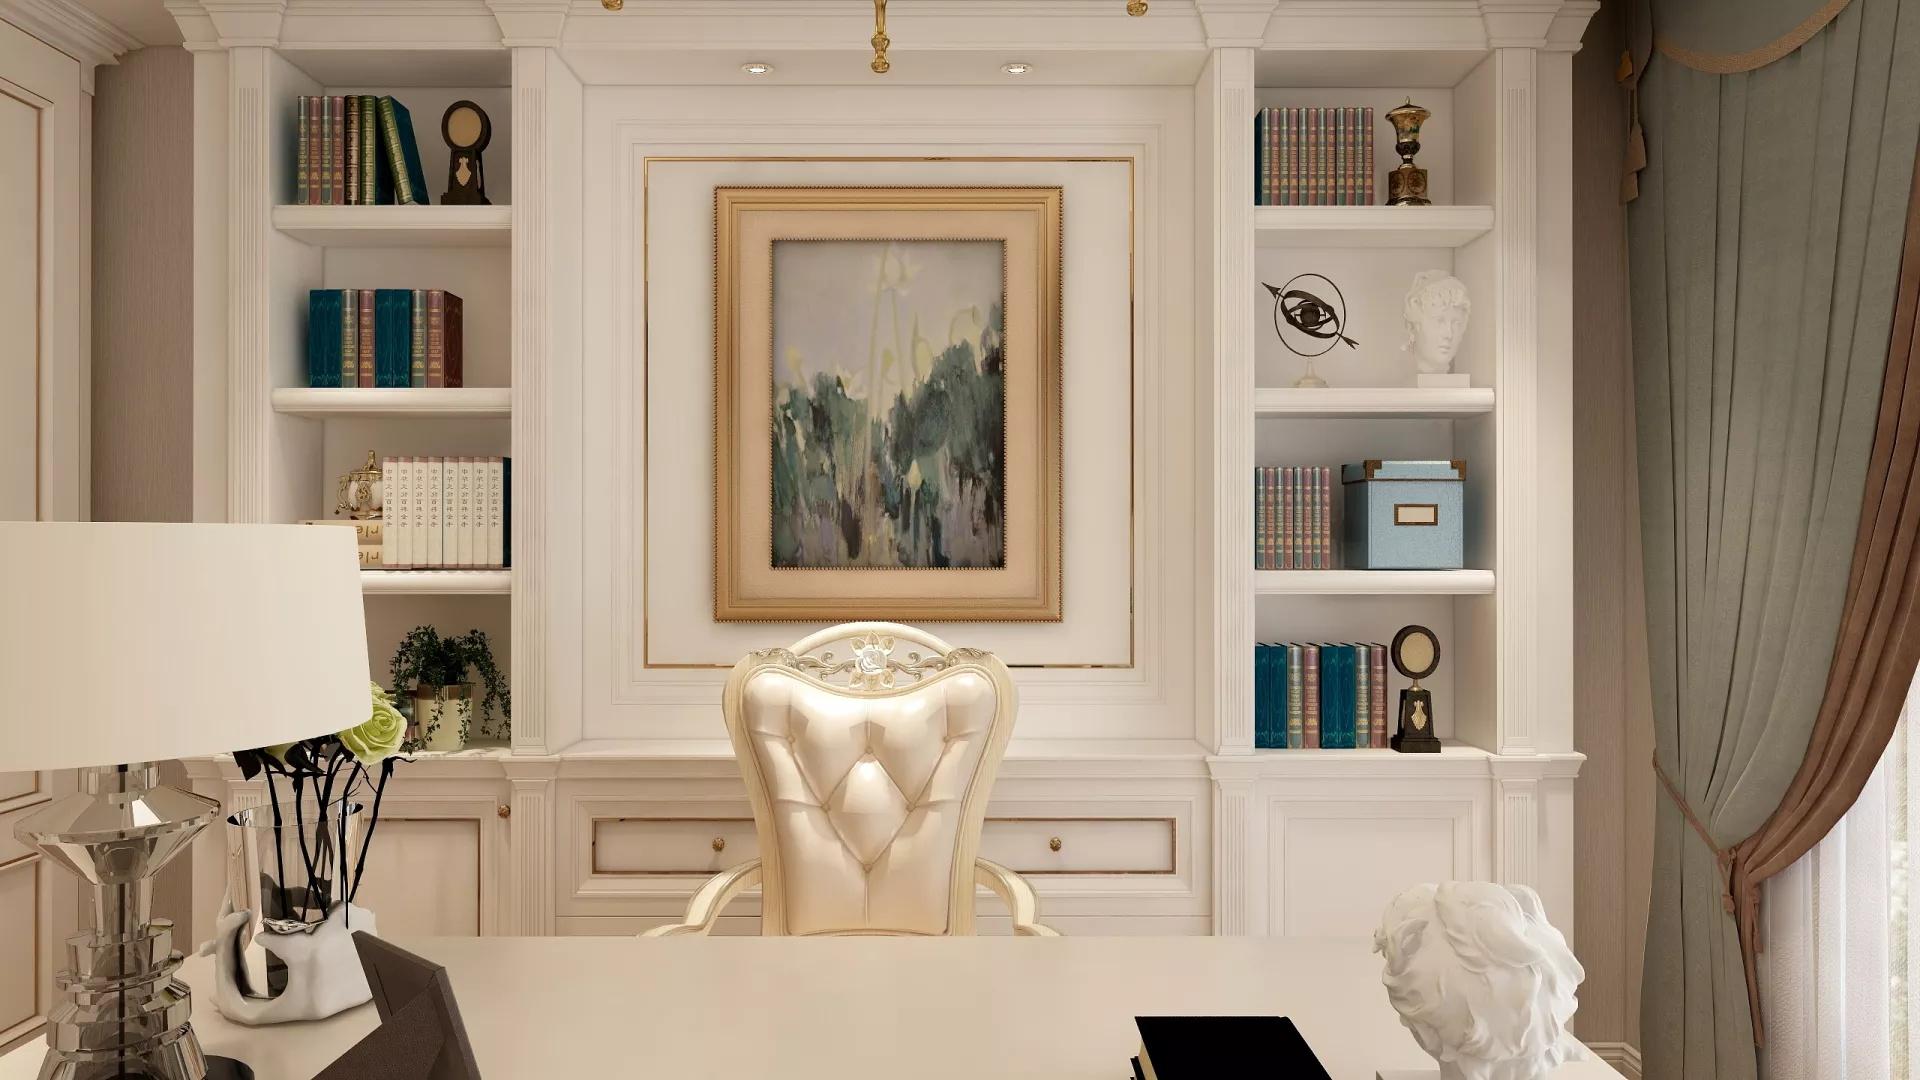 了解7大客厅装修风格特点 不再为选什么风格苦恼啦!